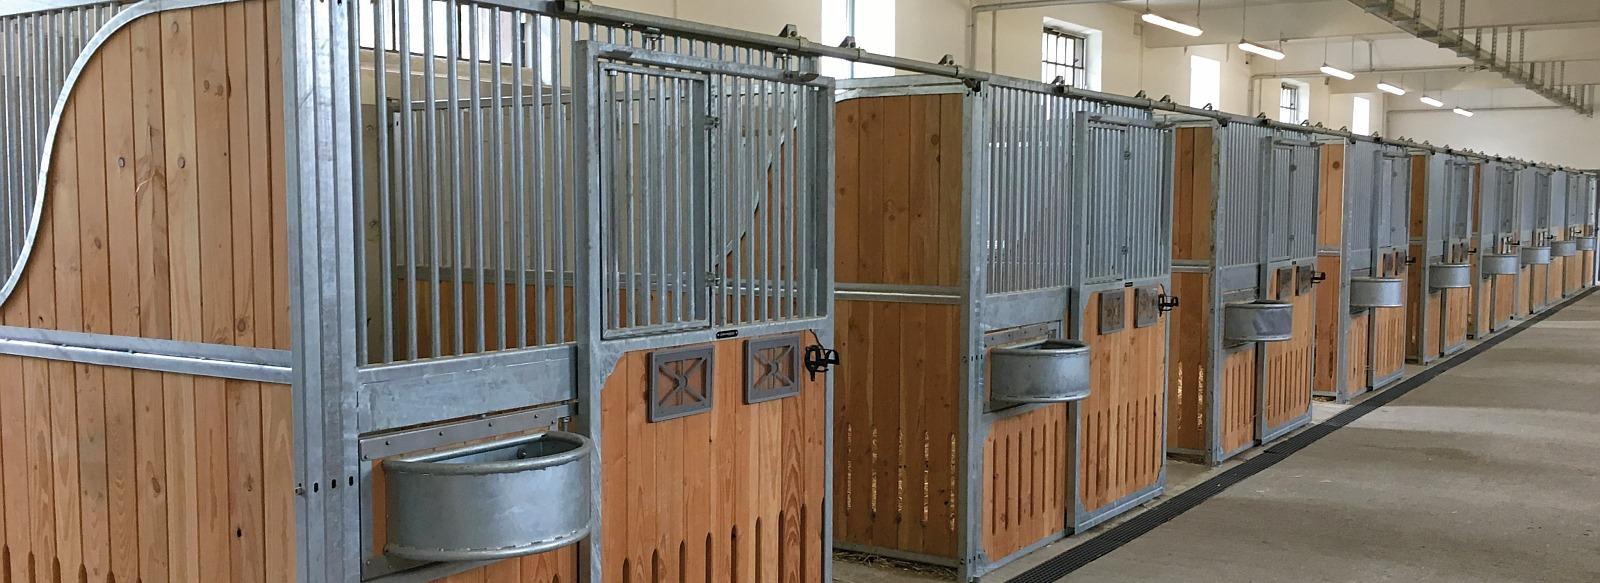 paardenboxen